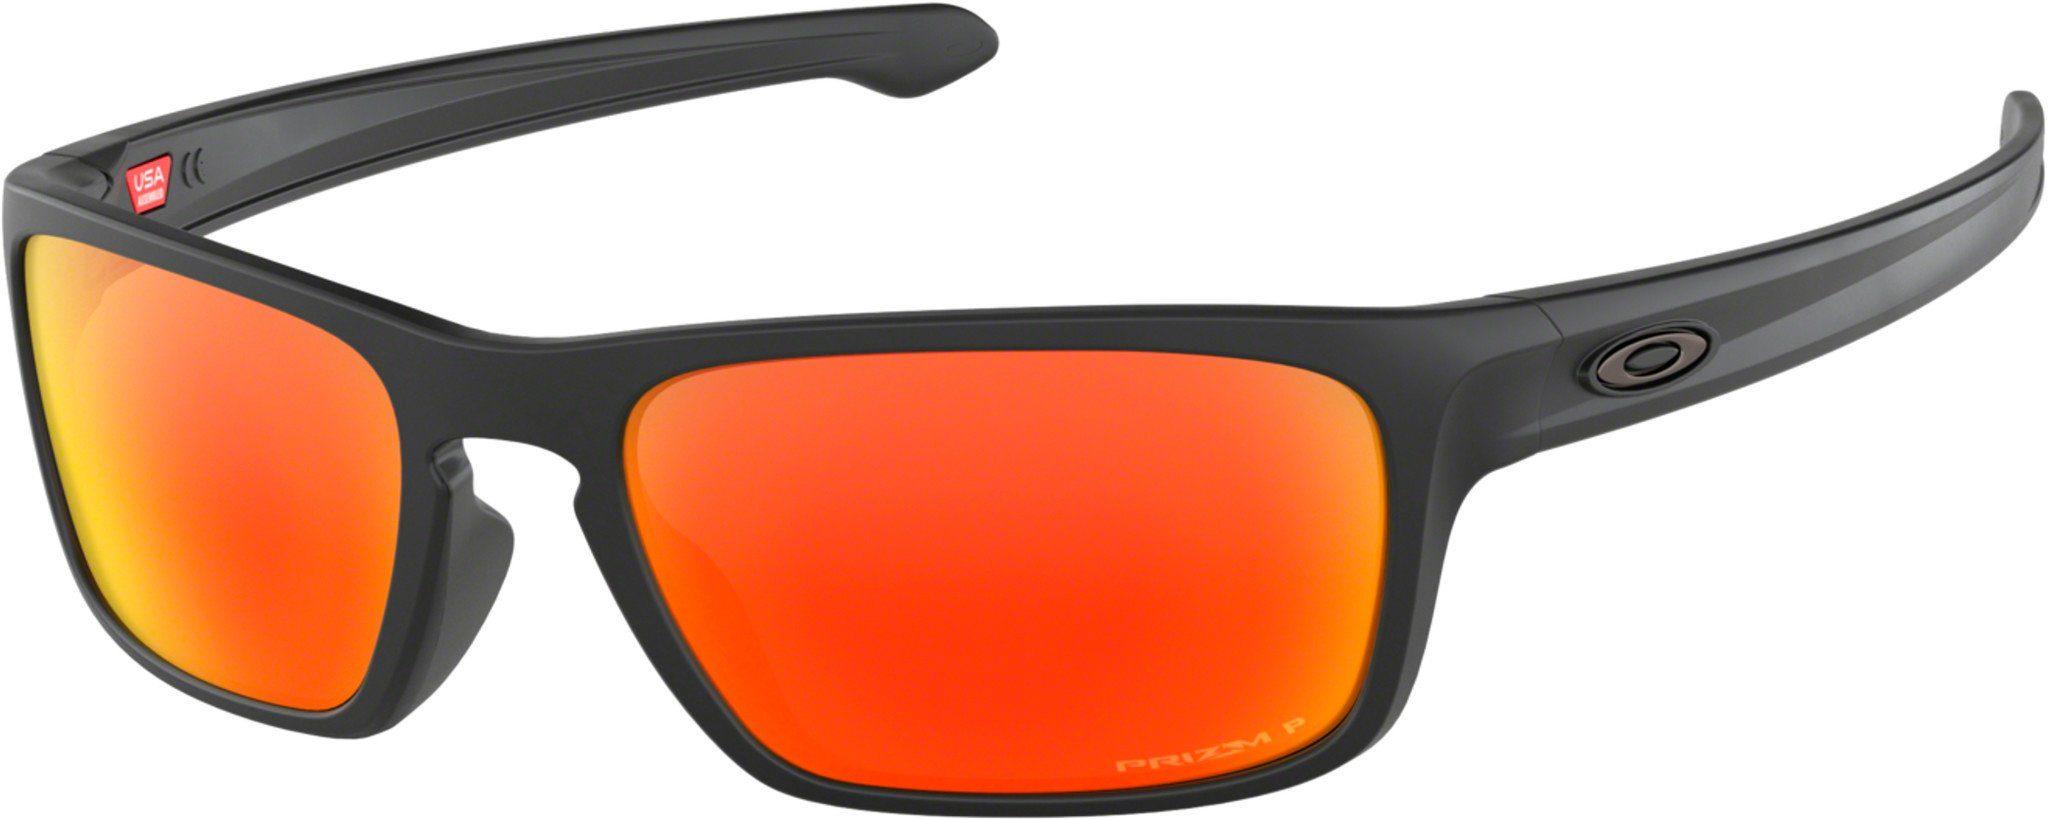 Oakley Radsportbrille »Sliver Stealth Sunglasses«, schwarz, schwarz